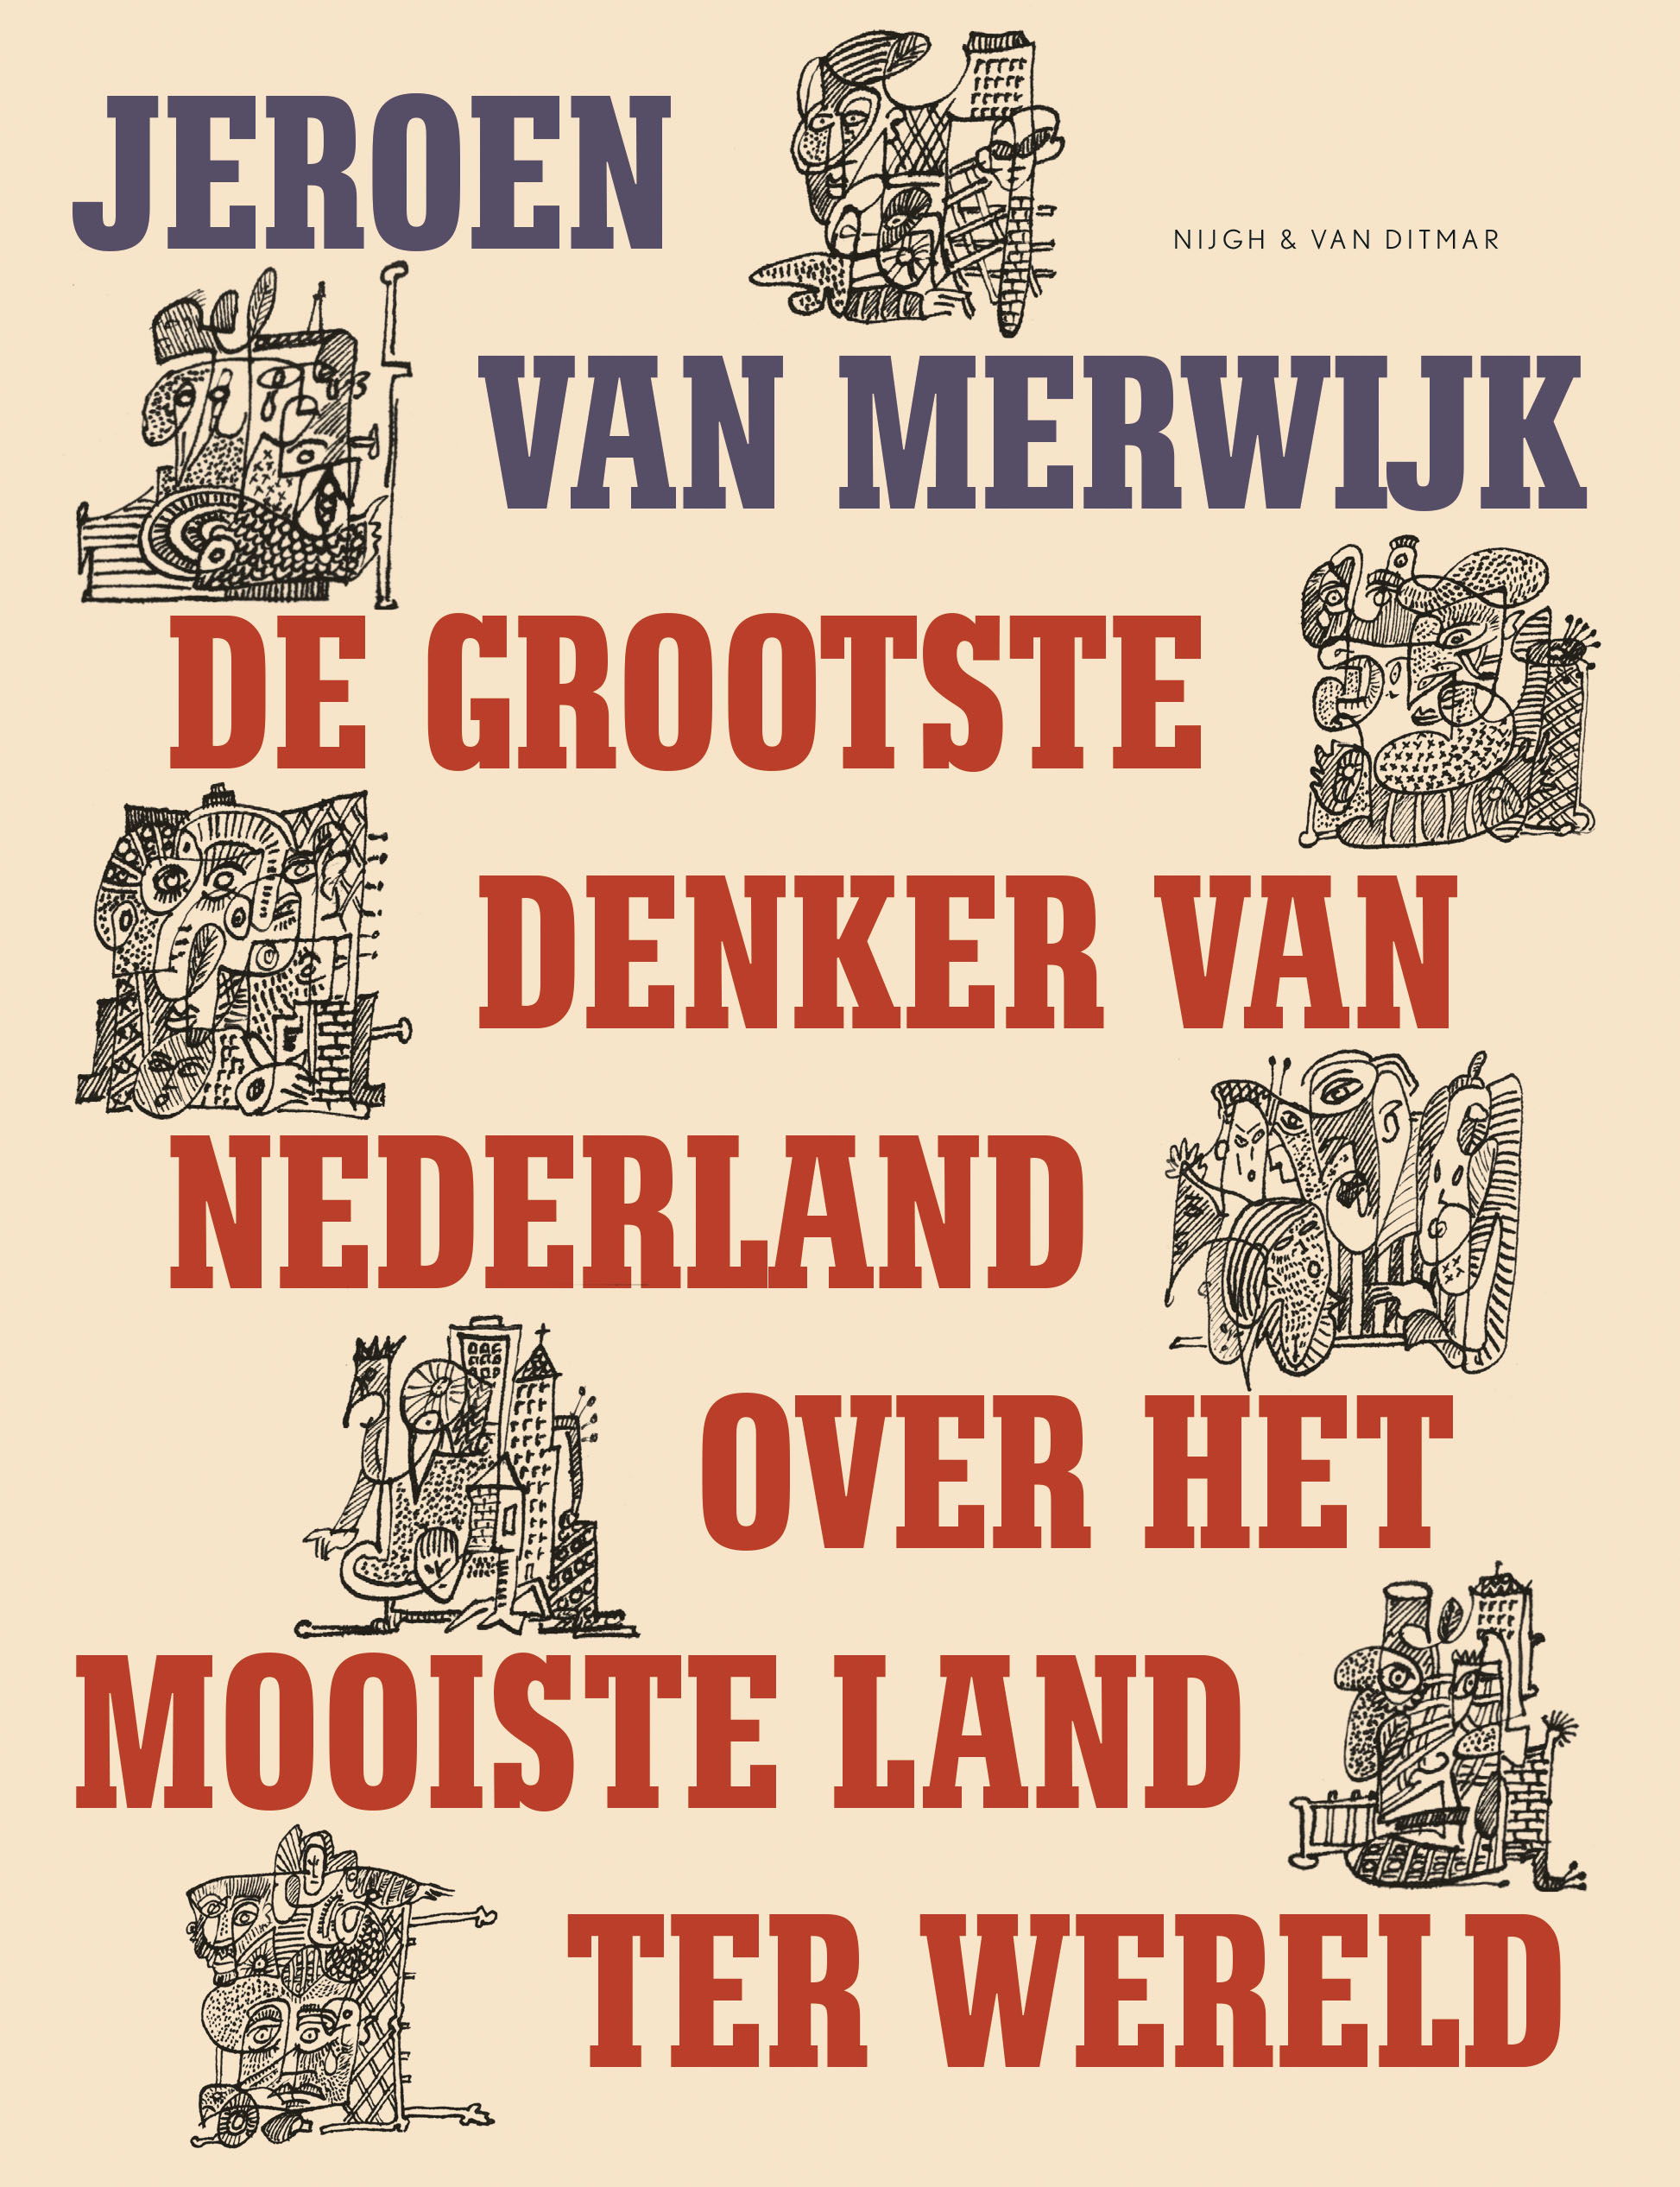 De grootste denker van nederland over het mooiste land ter wereld nijgh van ditmar - Het mooiste huis ter wereld ...